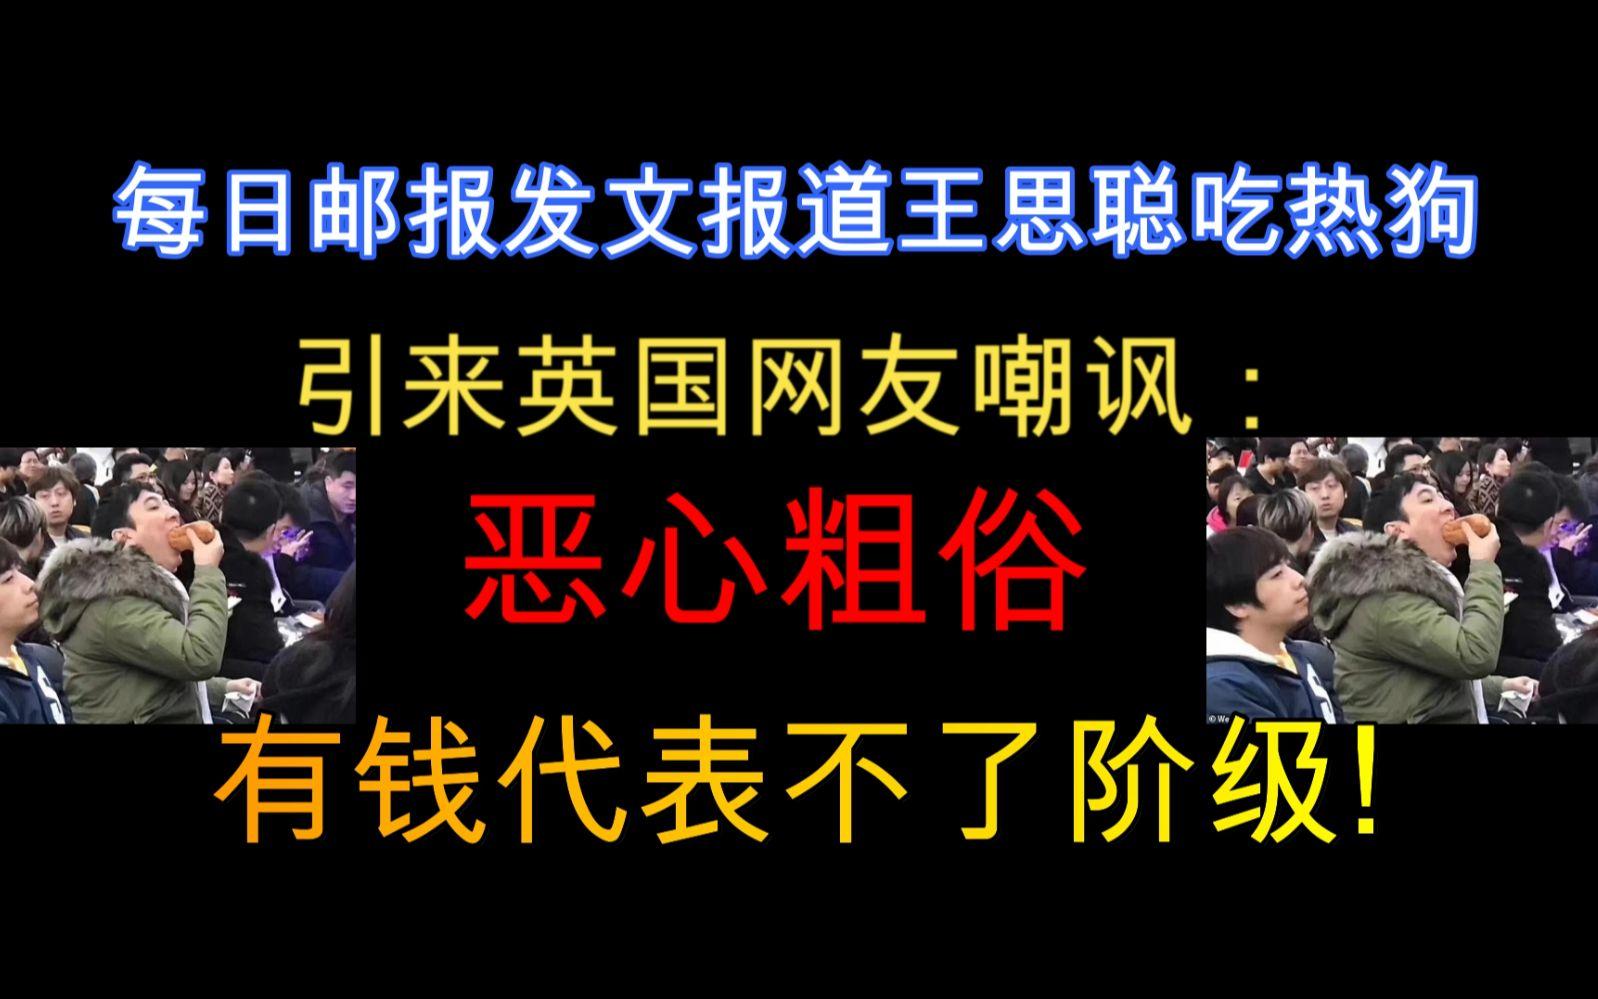 英国网友讽刺王思聪吃热狗:有钱代表不了阶级....